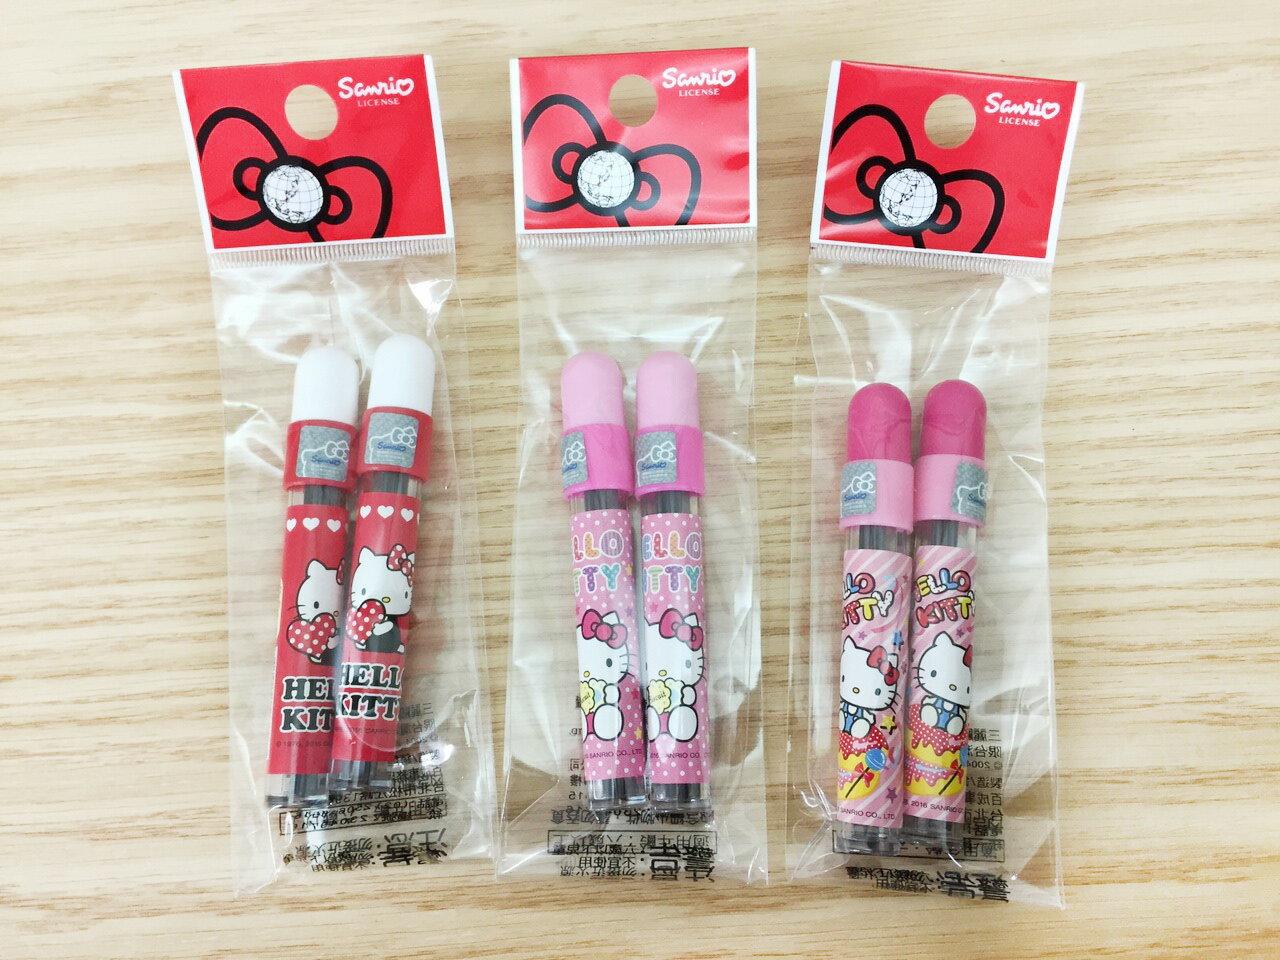 【真愛日本】16011400029 圓鉛芯筒2入-KT三款 KITTY 凱蒂貓 三麗鷗 文具 筆芯 鉛筆芯